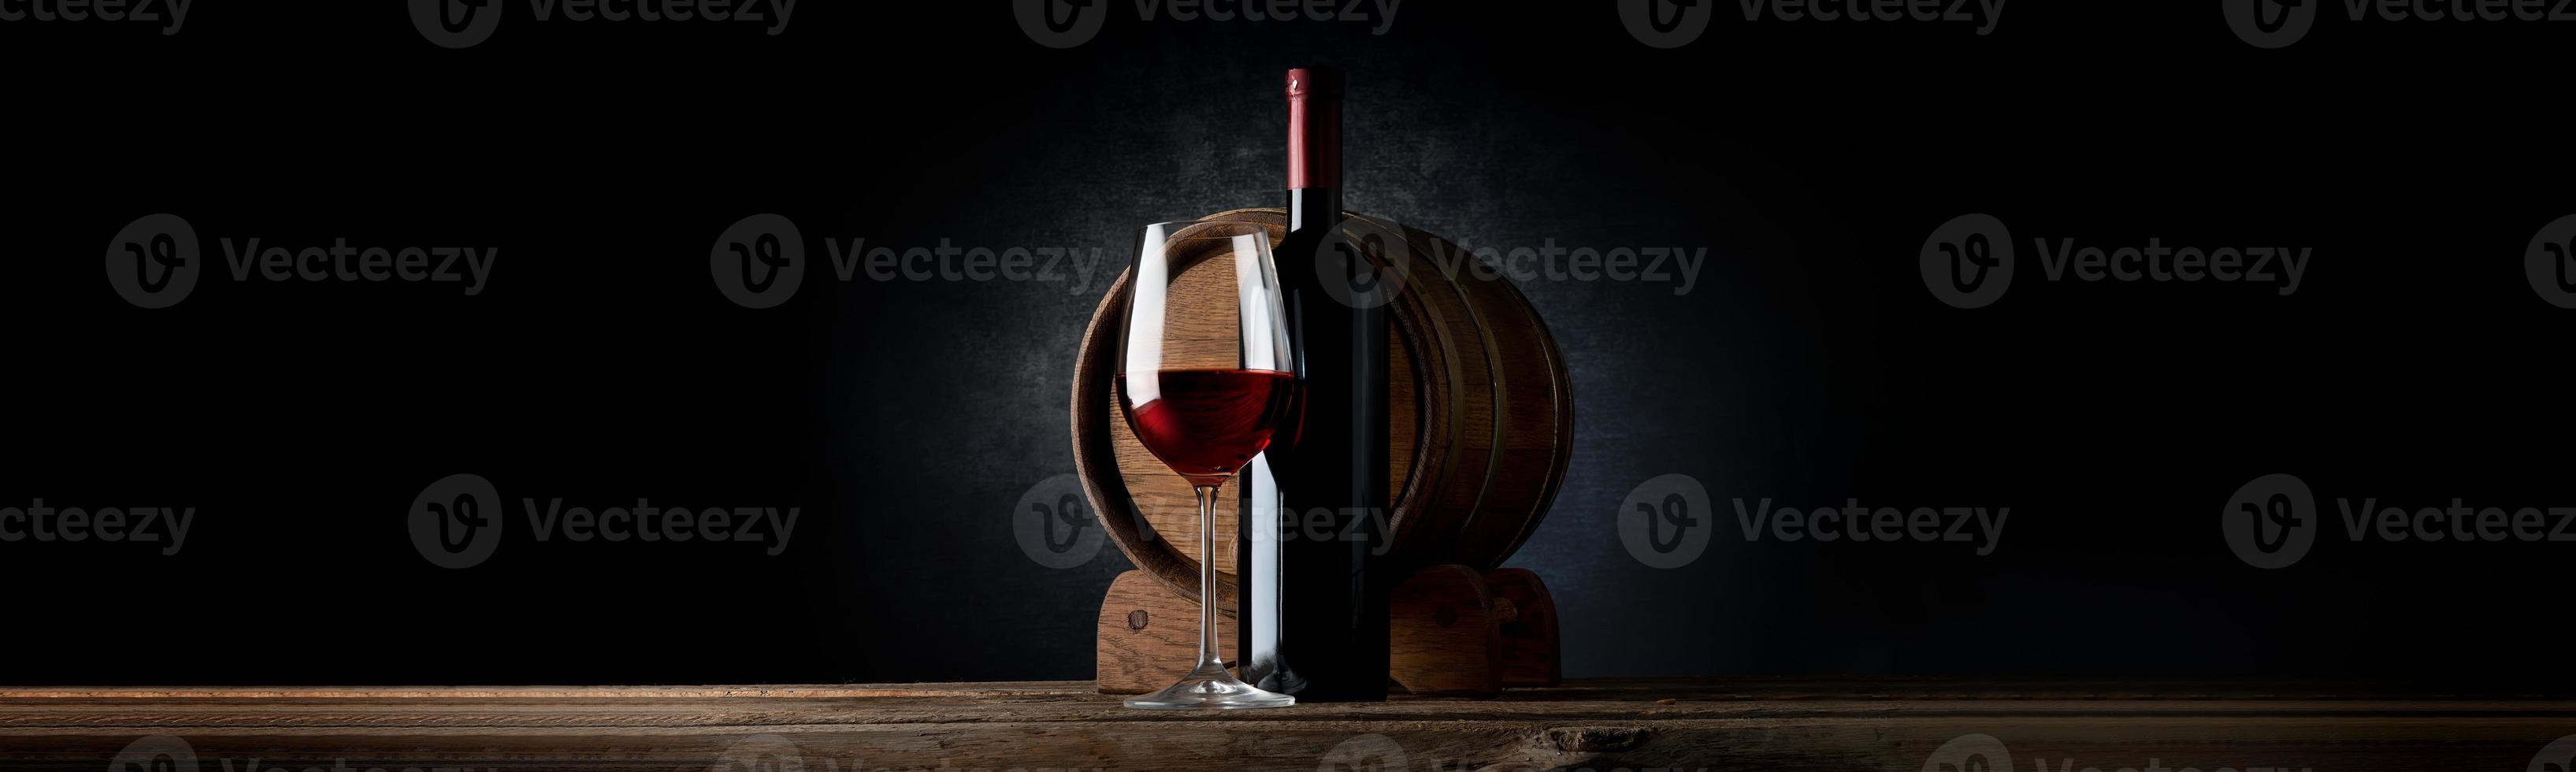 composição com vinho foto